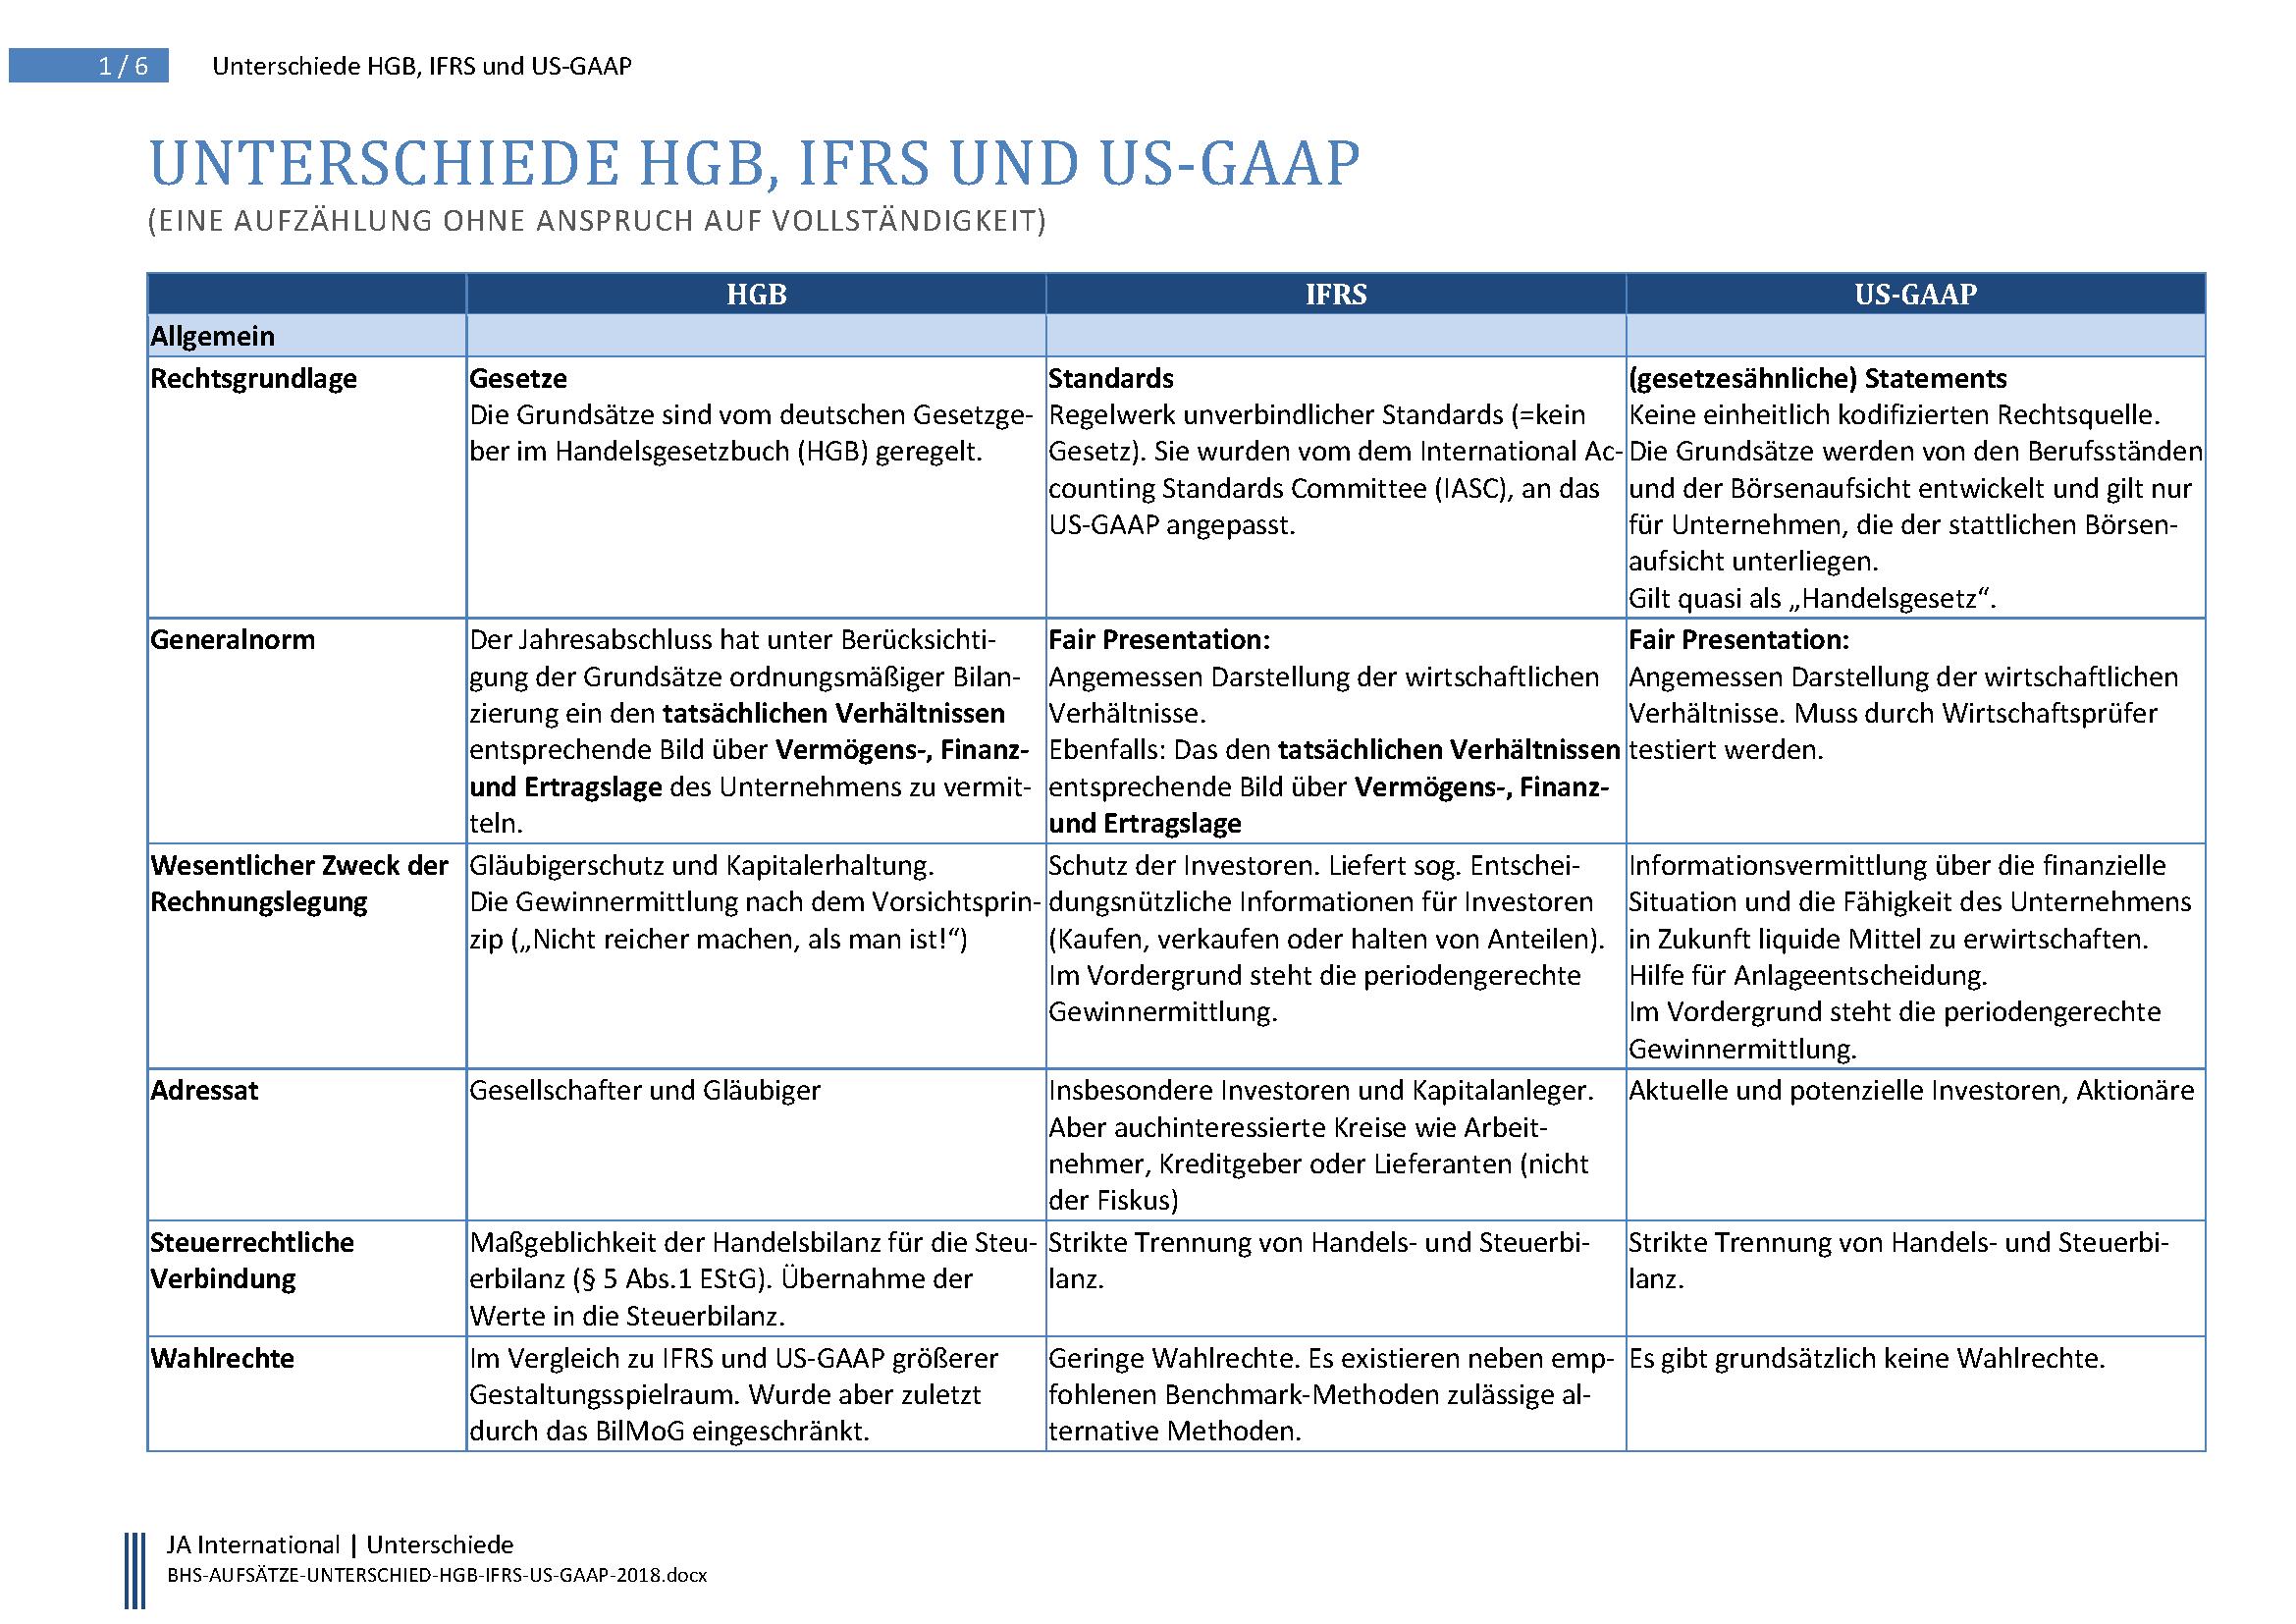 Buchhalterseele Unterschied Vergleich HGB IFRS US GAAP 2018 Seite 1